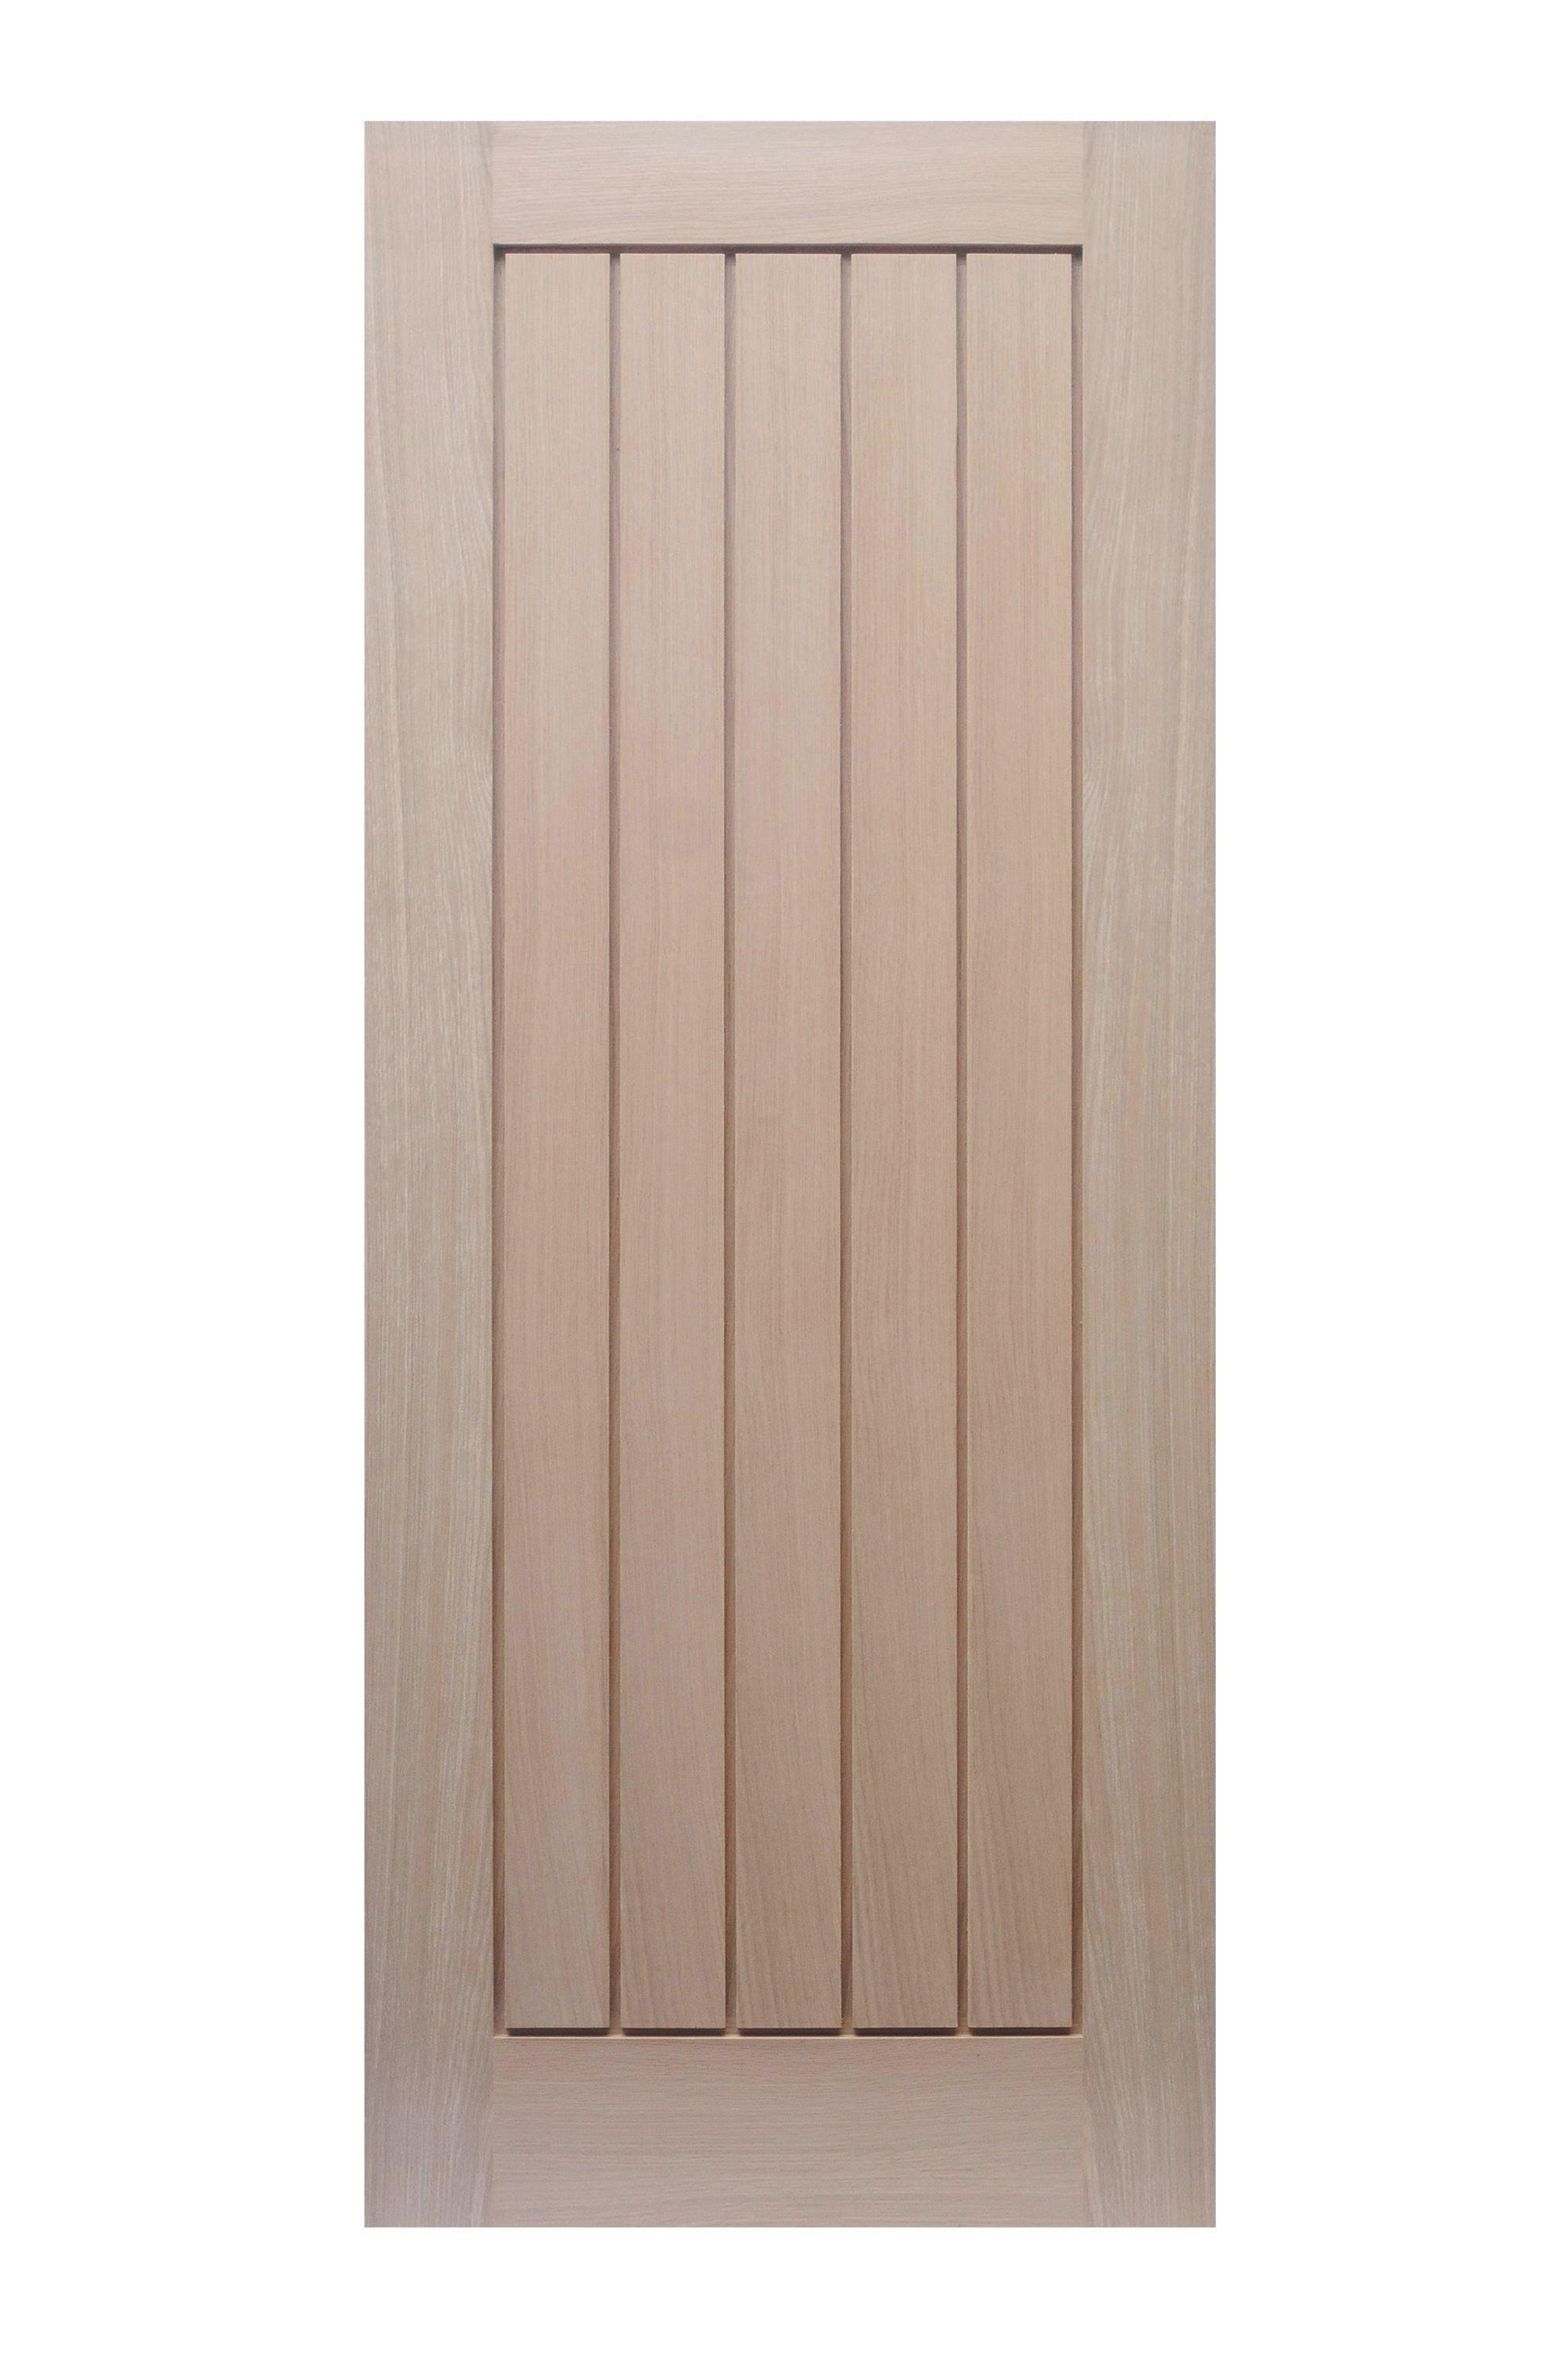 Wickes Geneva Internal Cottage Oak Veneer Door 5 Panel 1981 x 762mm ...